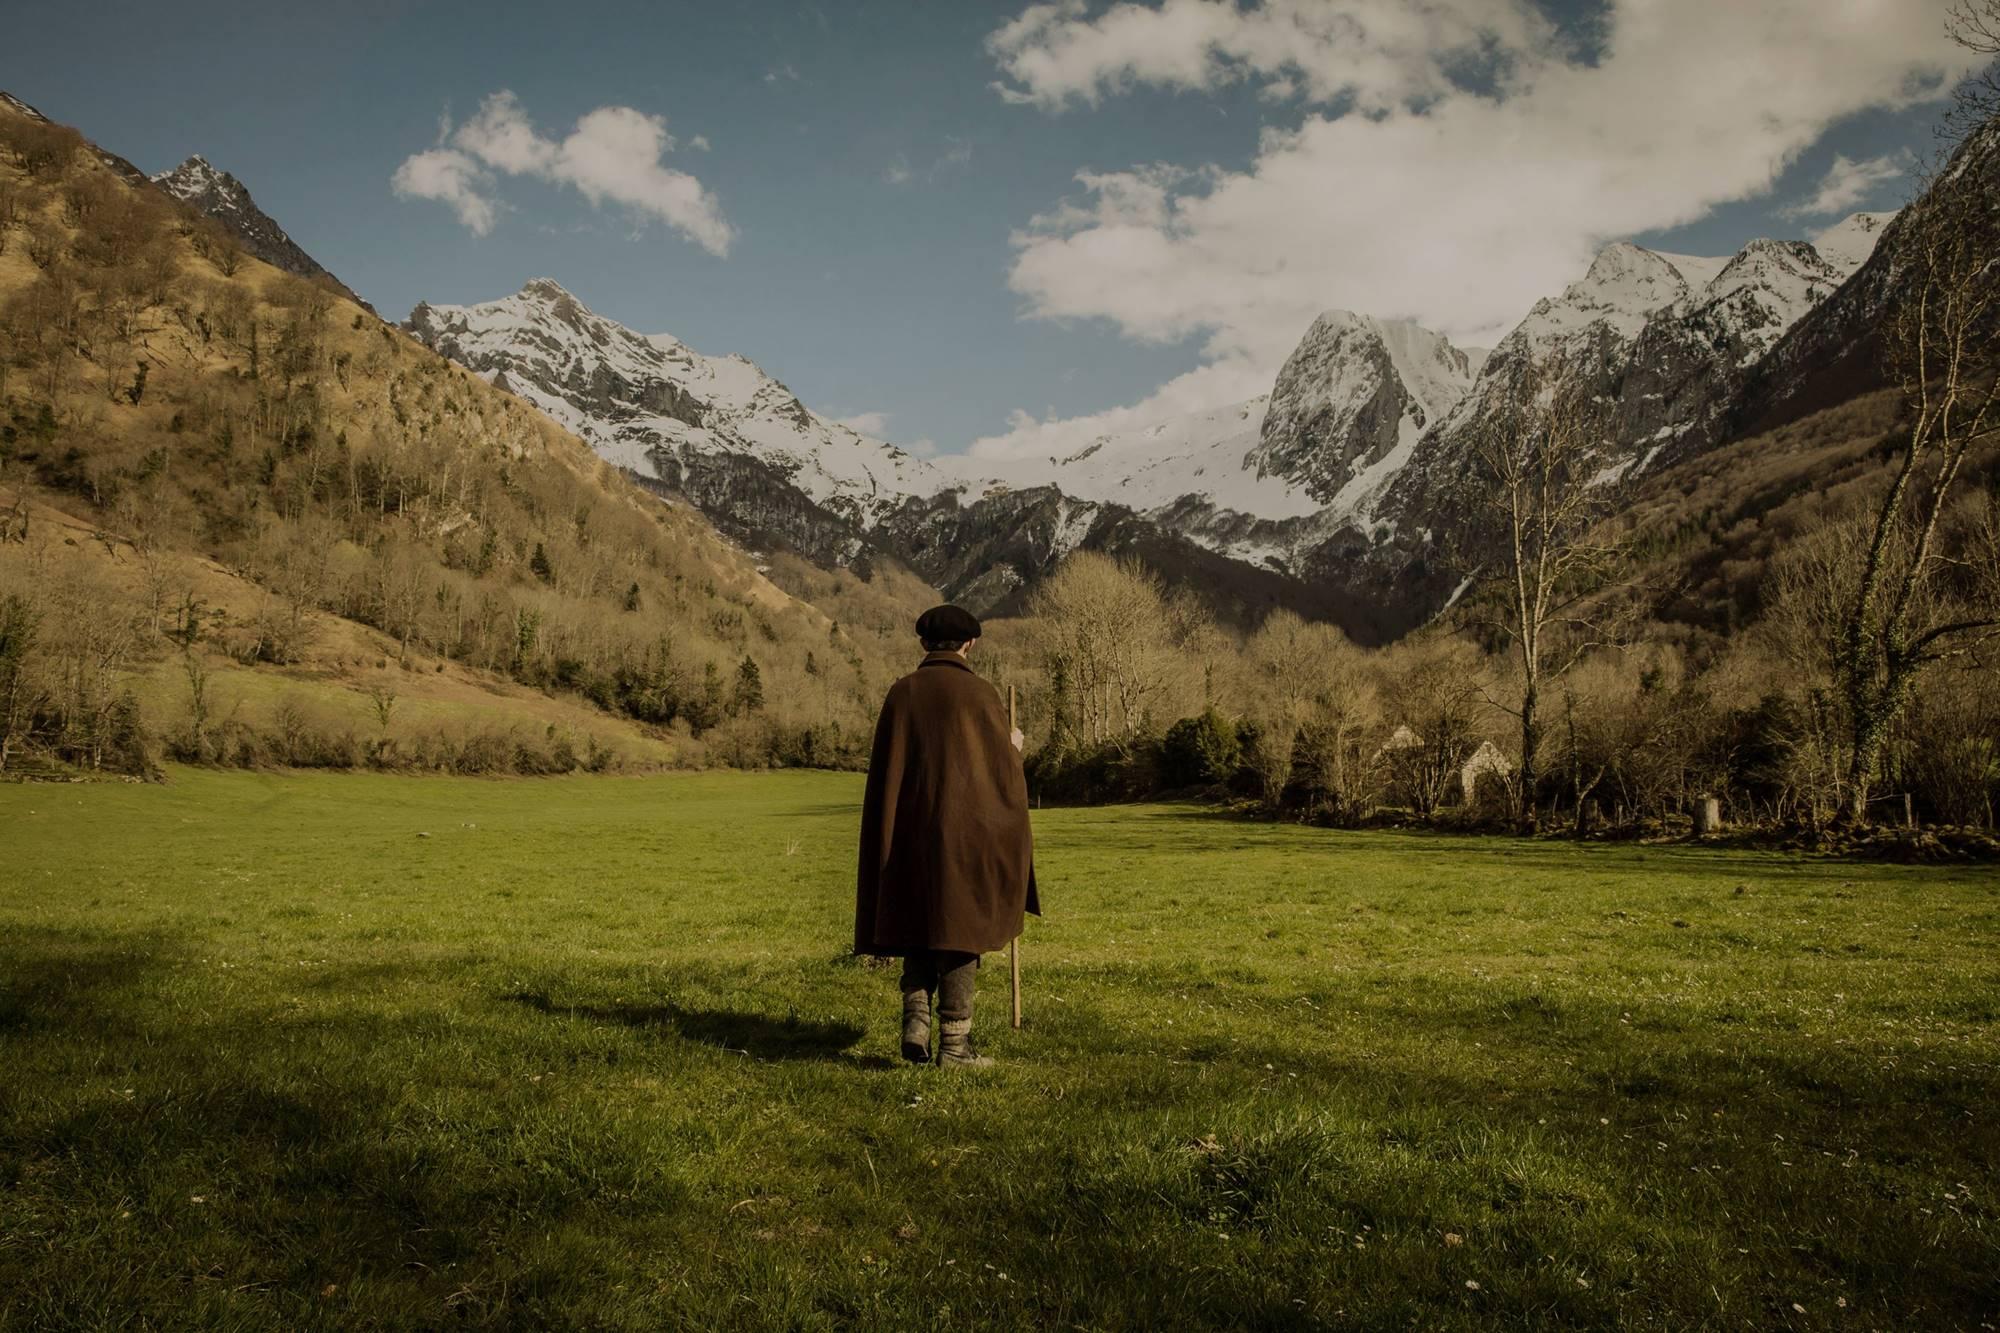 導演班庫克斯前進無WiFi山區 拍出絕美壯麗山景 直呼是不可能的任務